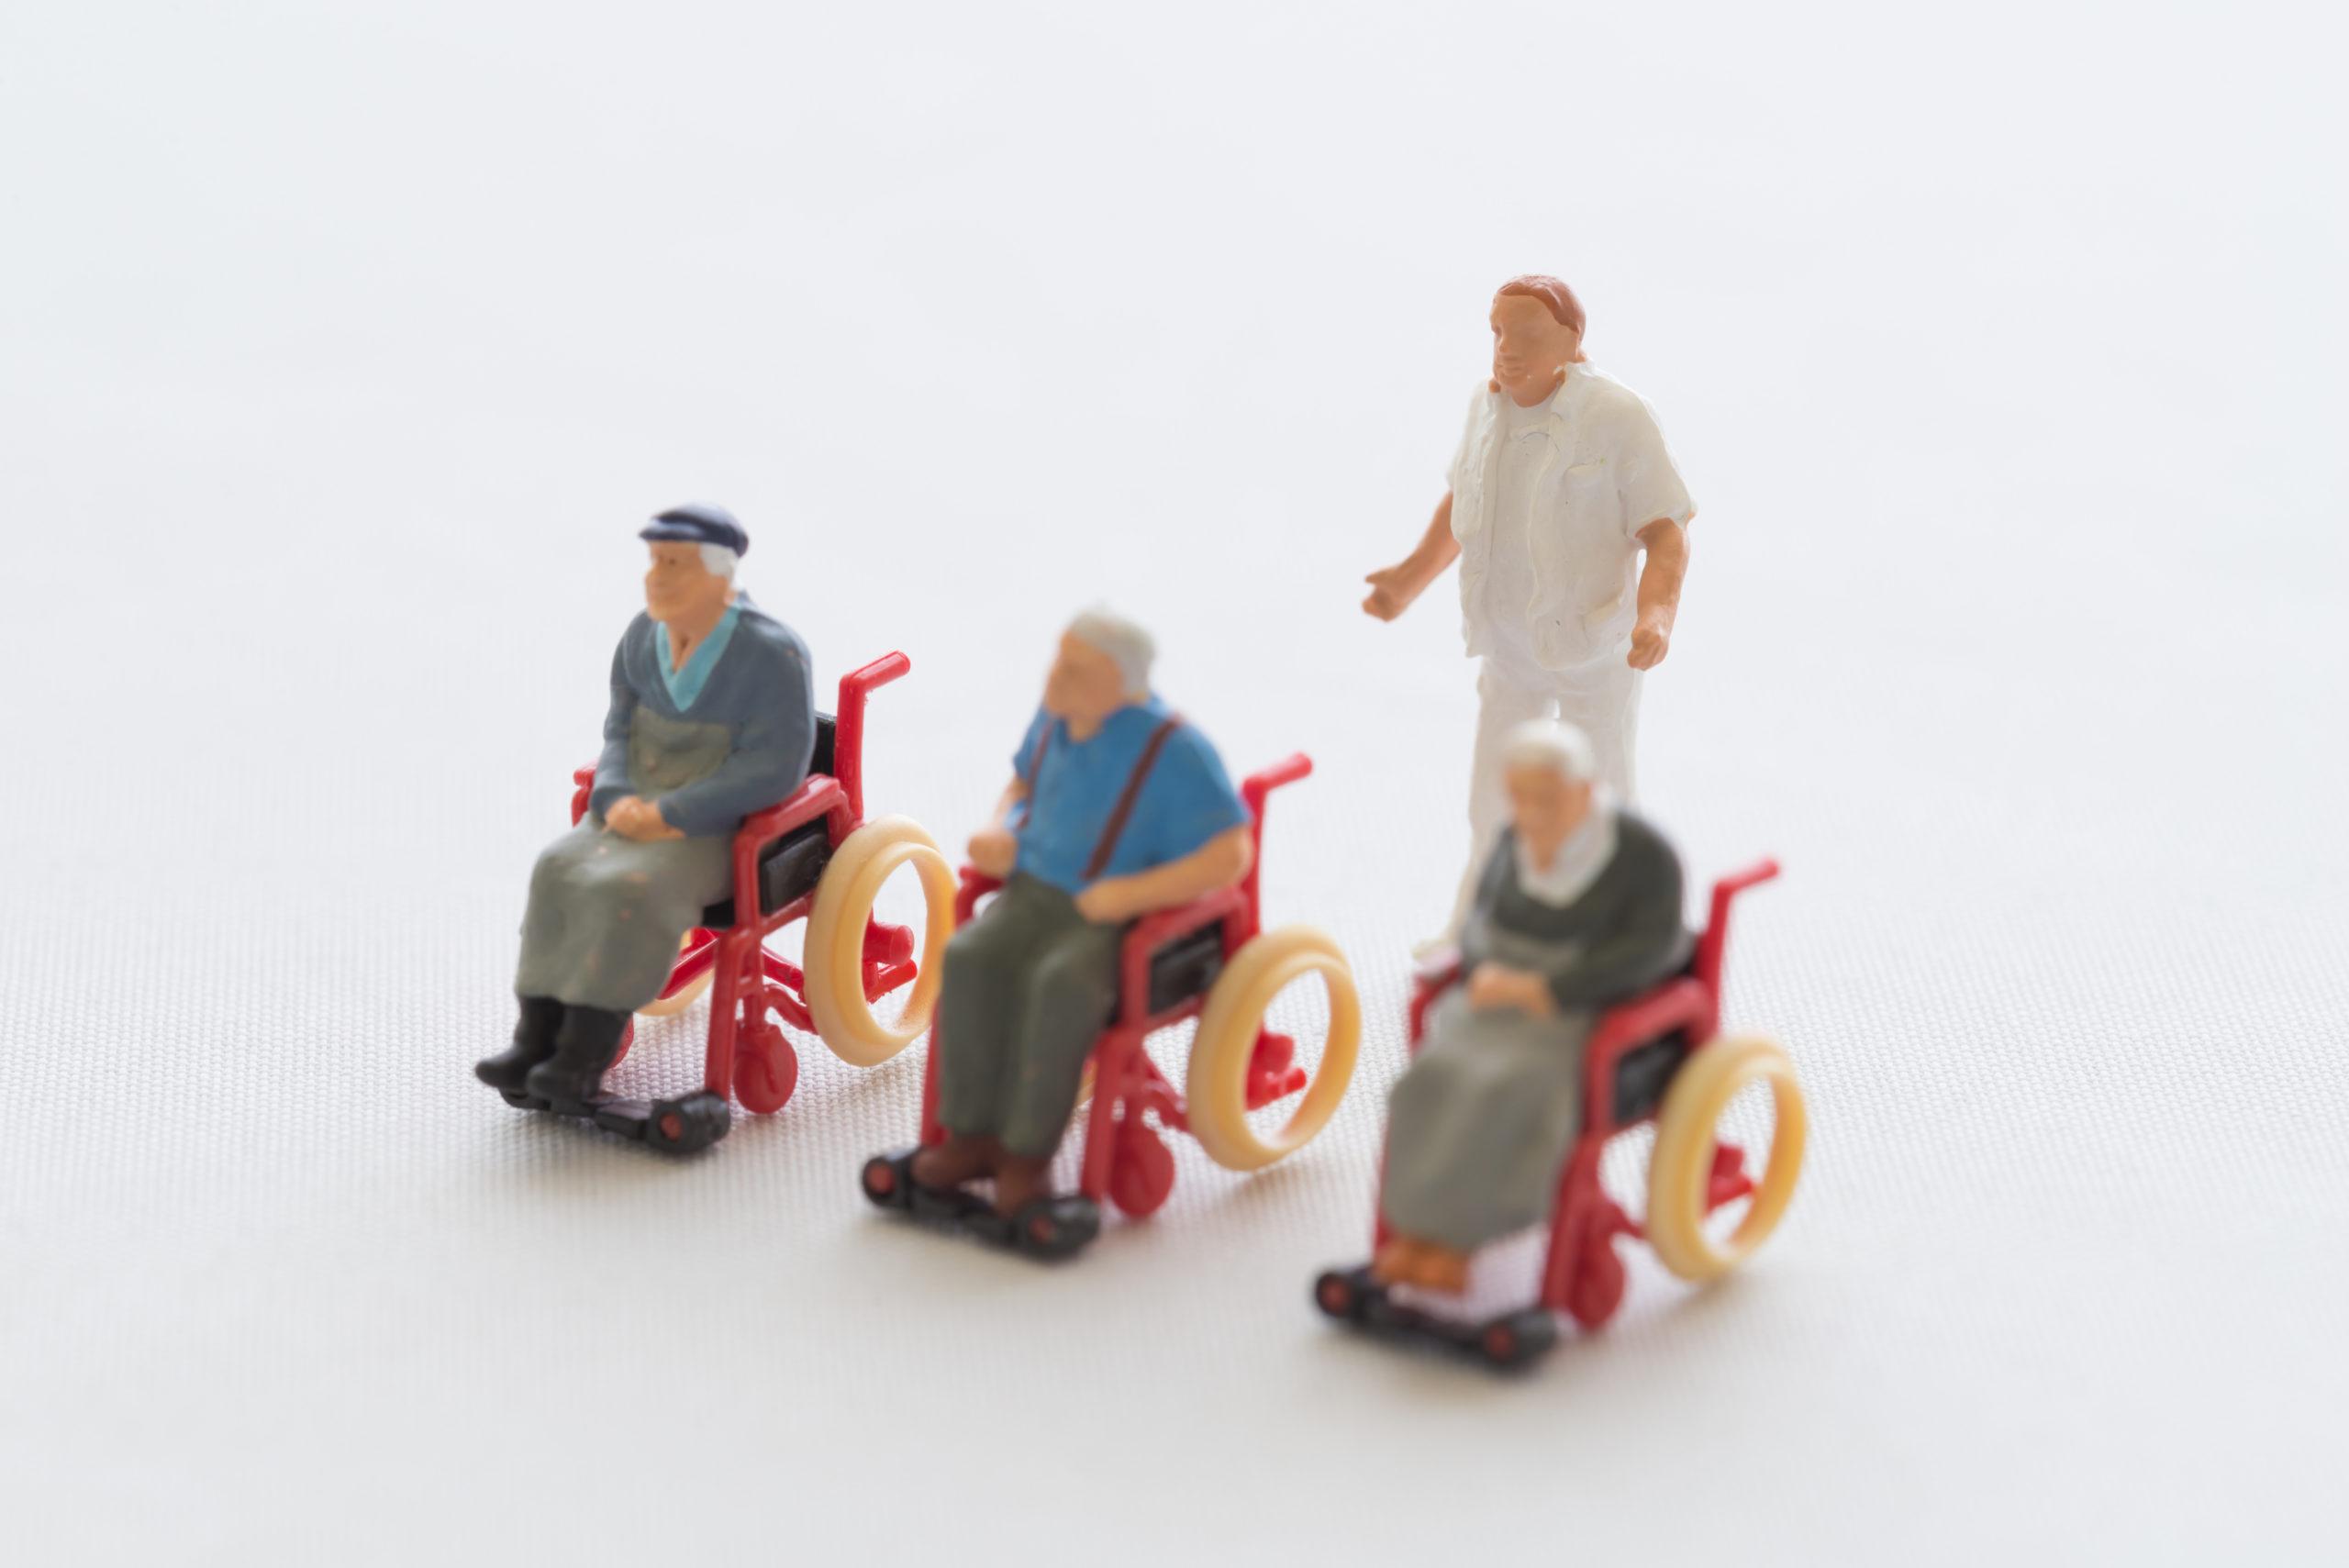 介護事業所の不正請求はITのチカラで解決できる?